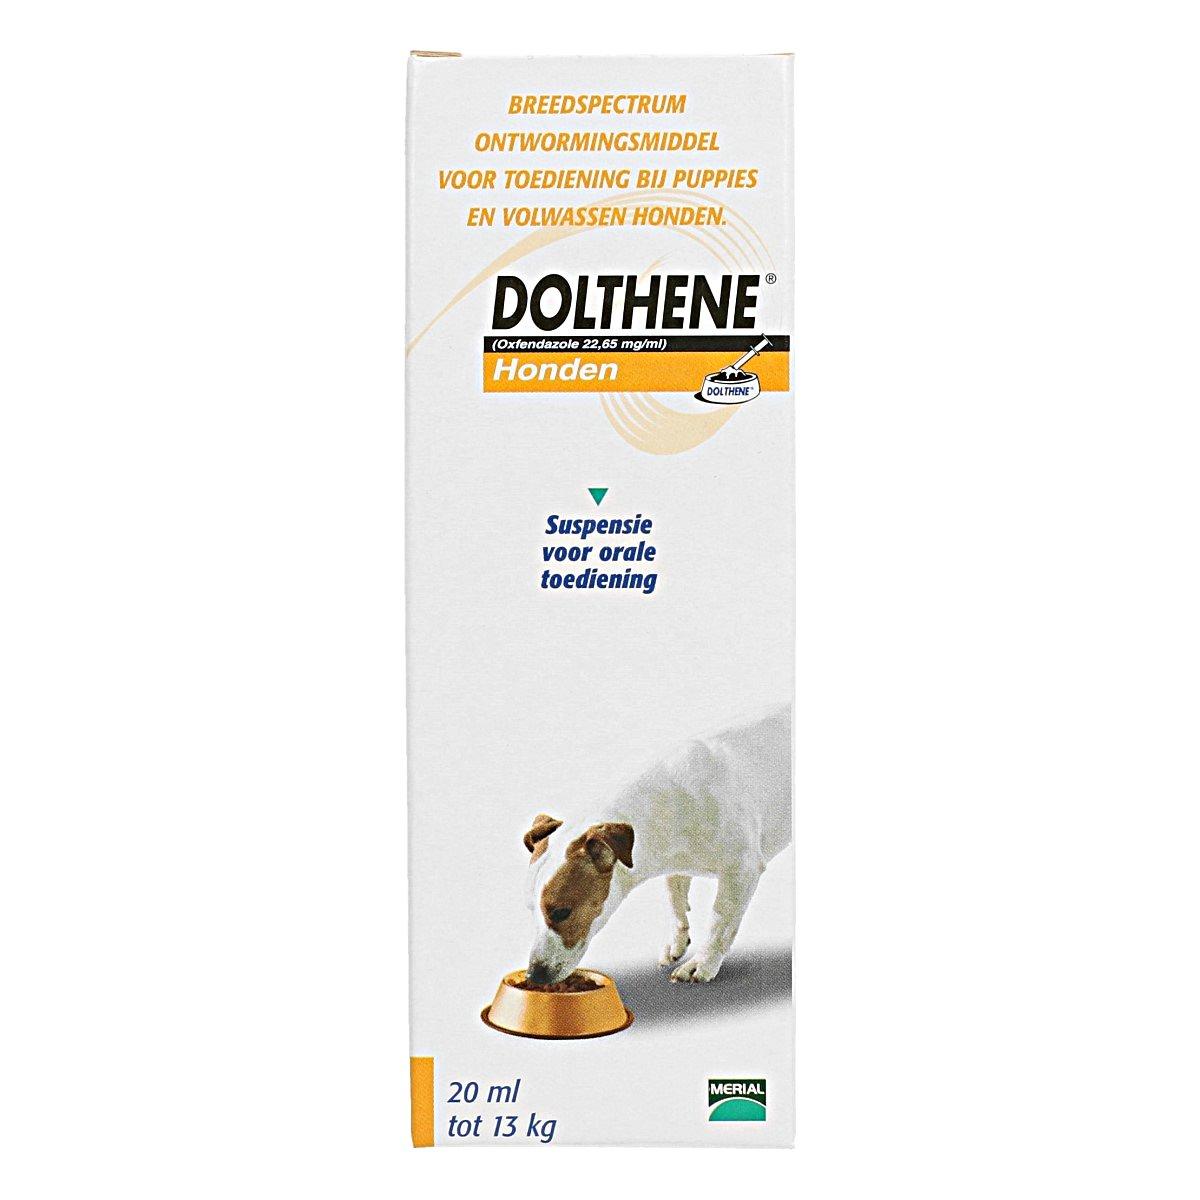 Afbeelding van Dolthene Ontwormingsmiddel Orale Suspensie Hond 20ml